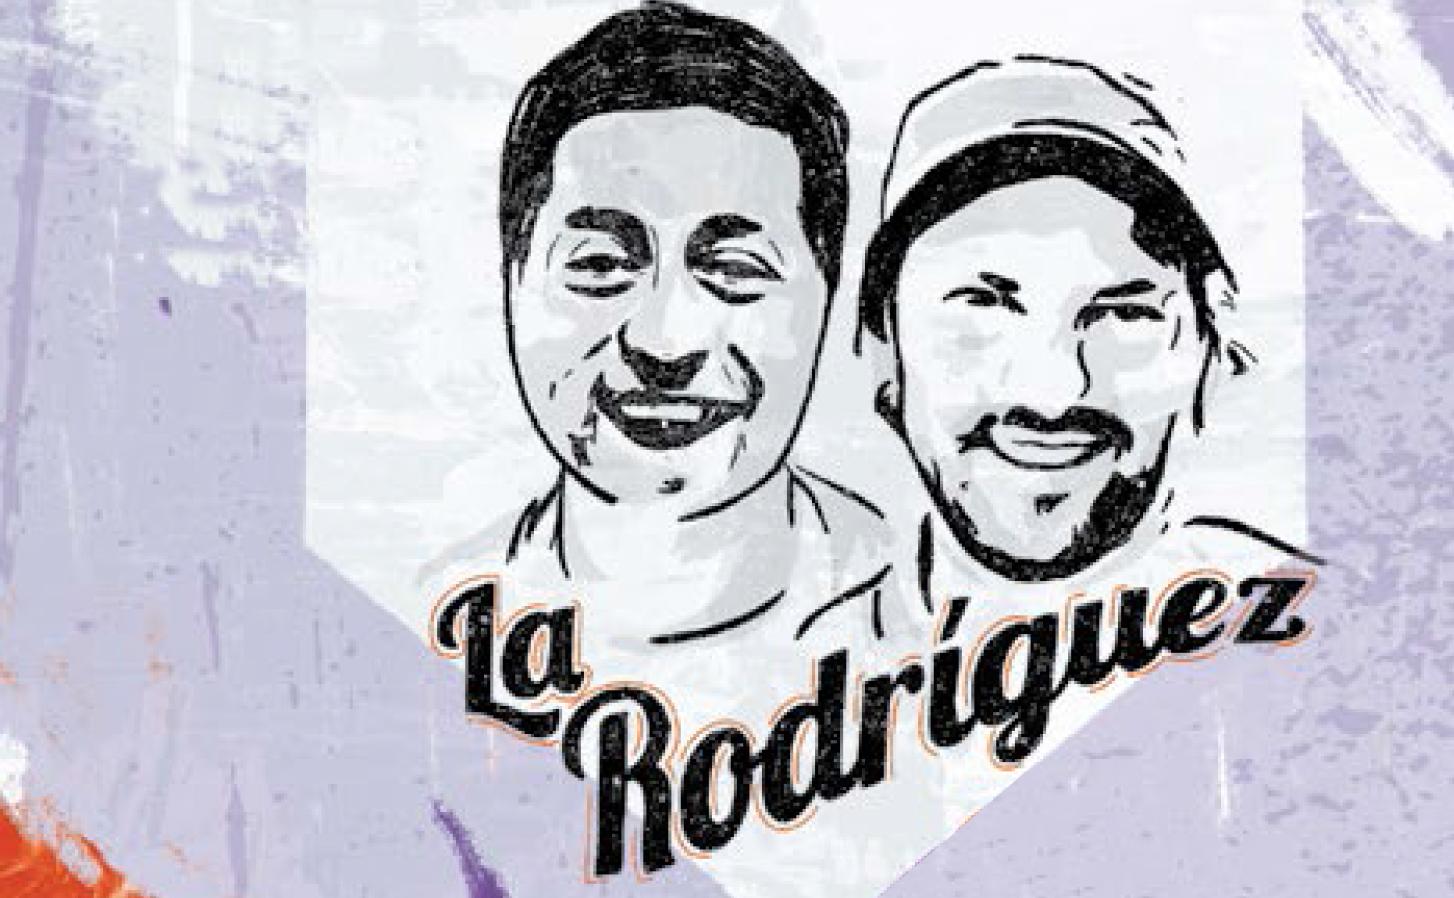 La Rodríguez